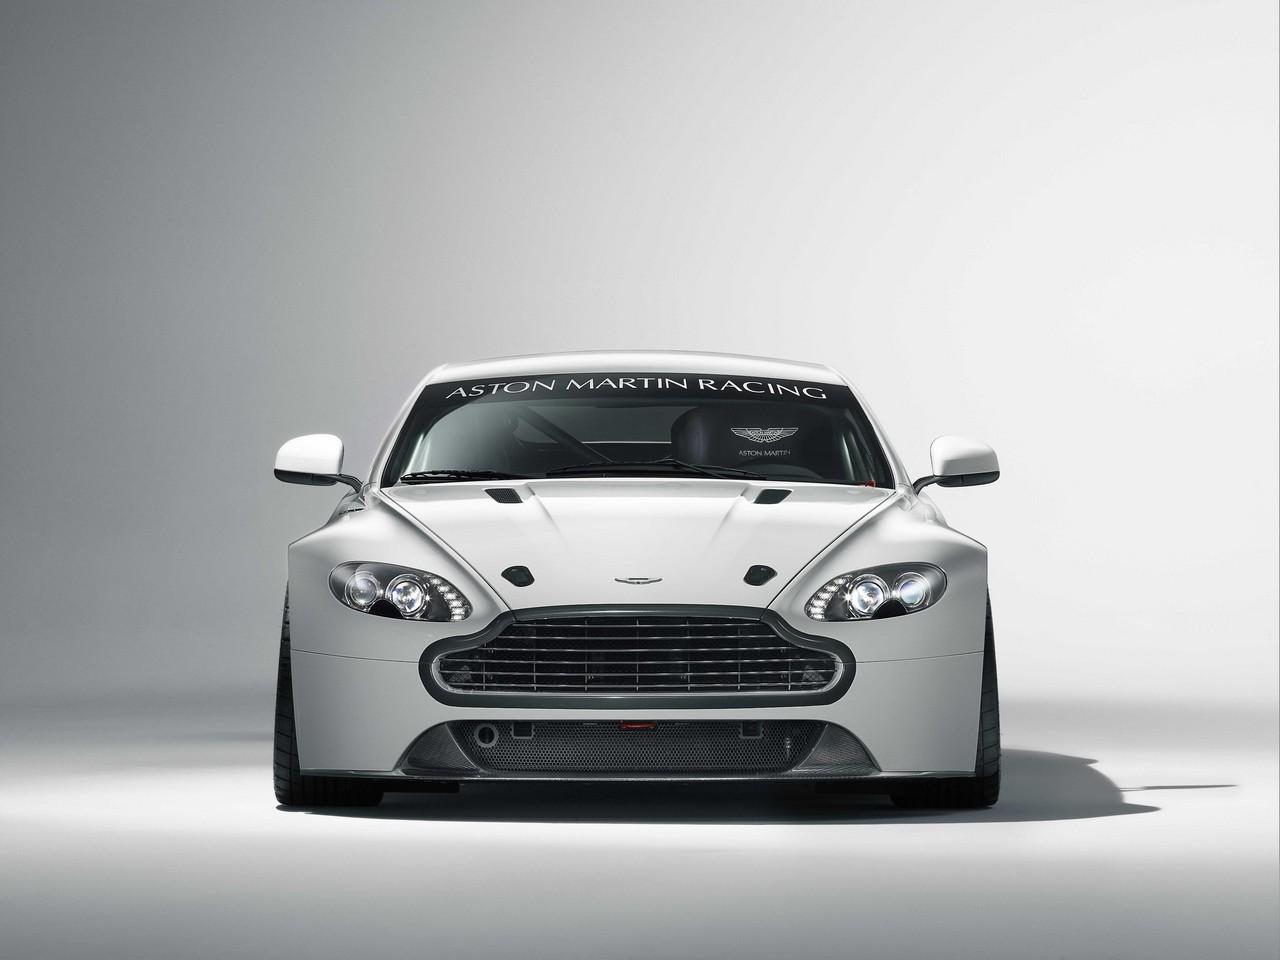 2011 Aston Martin Vantage GT4